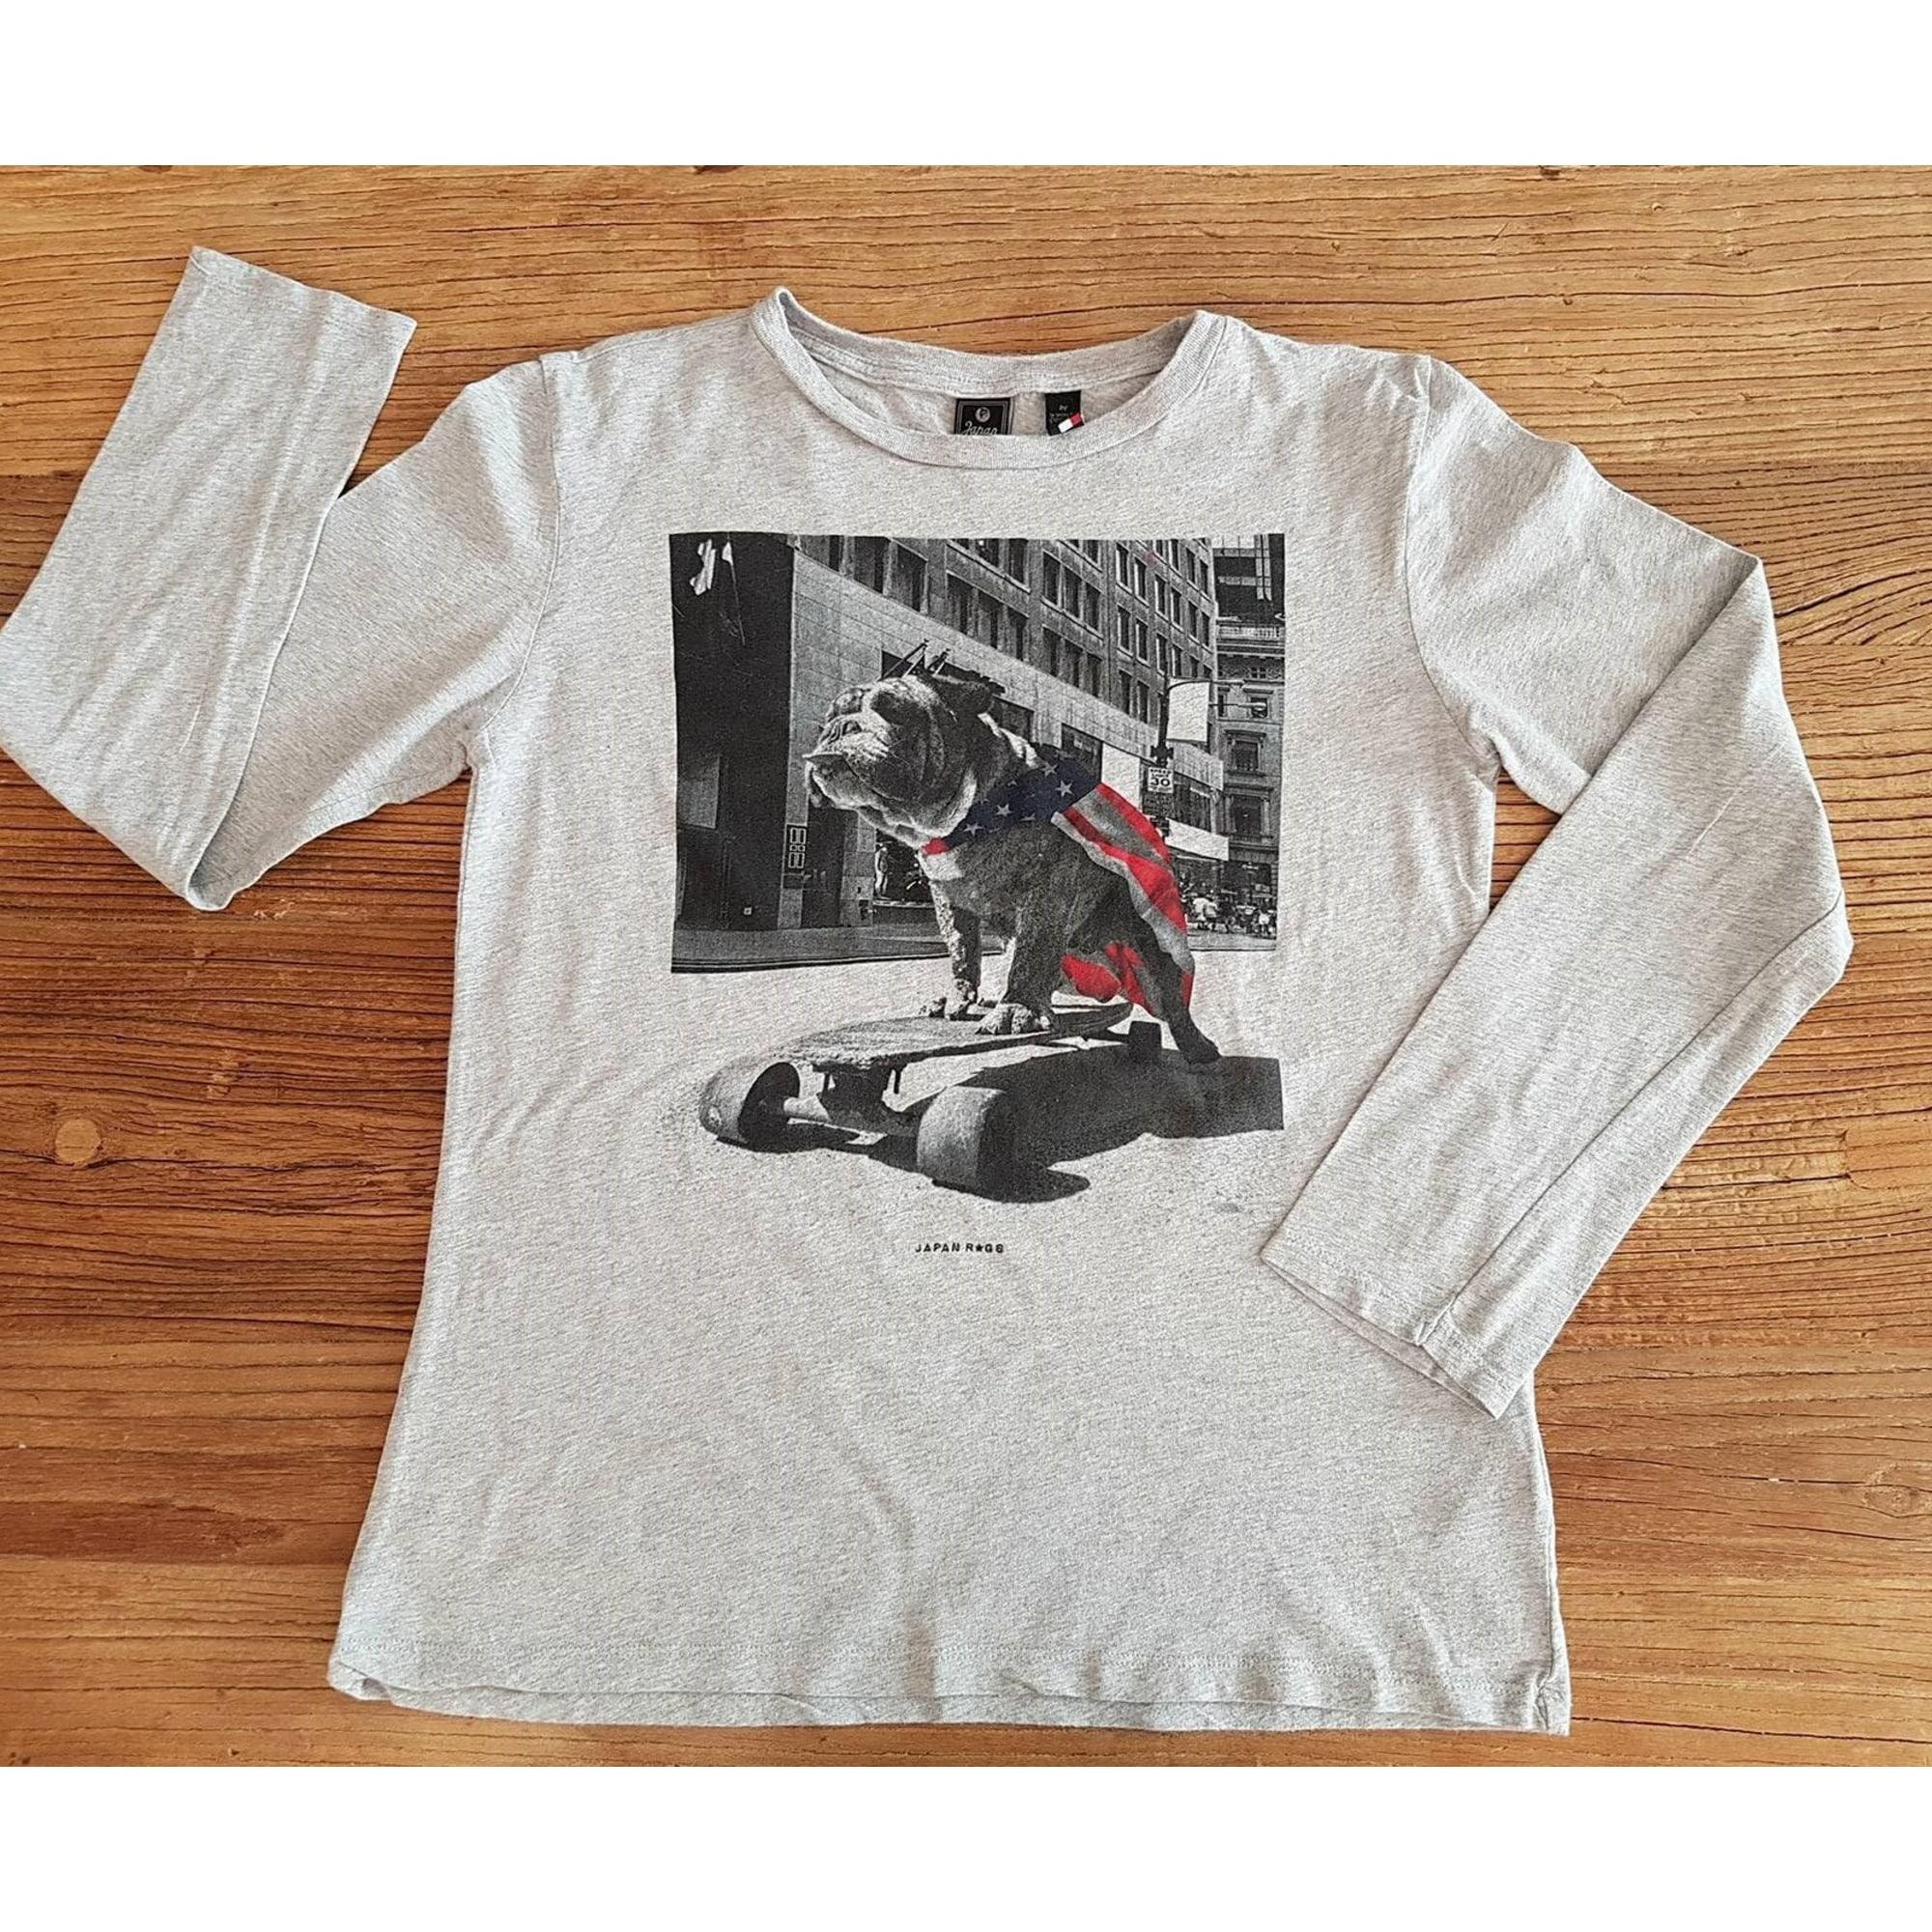 5593a1103fd78 Tee-shirt JAPAN RAGS 11-12 ans gris - 6684403